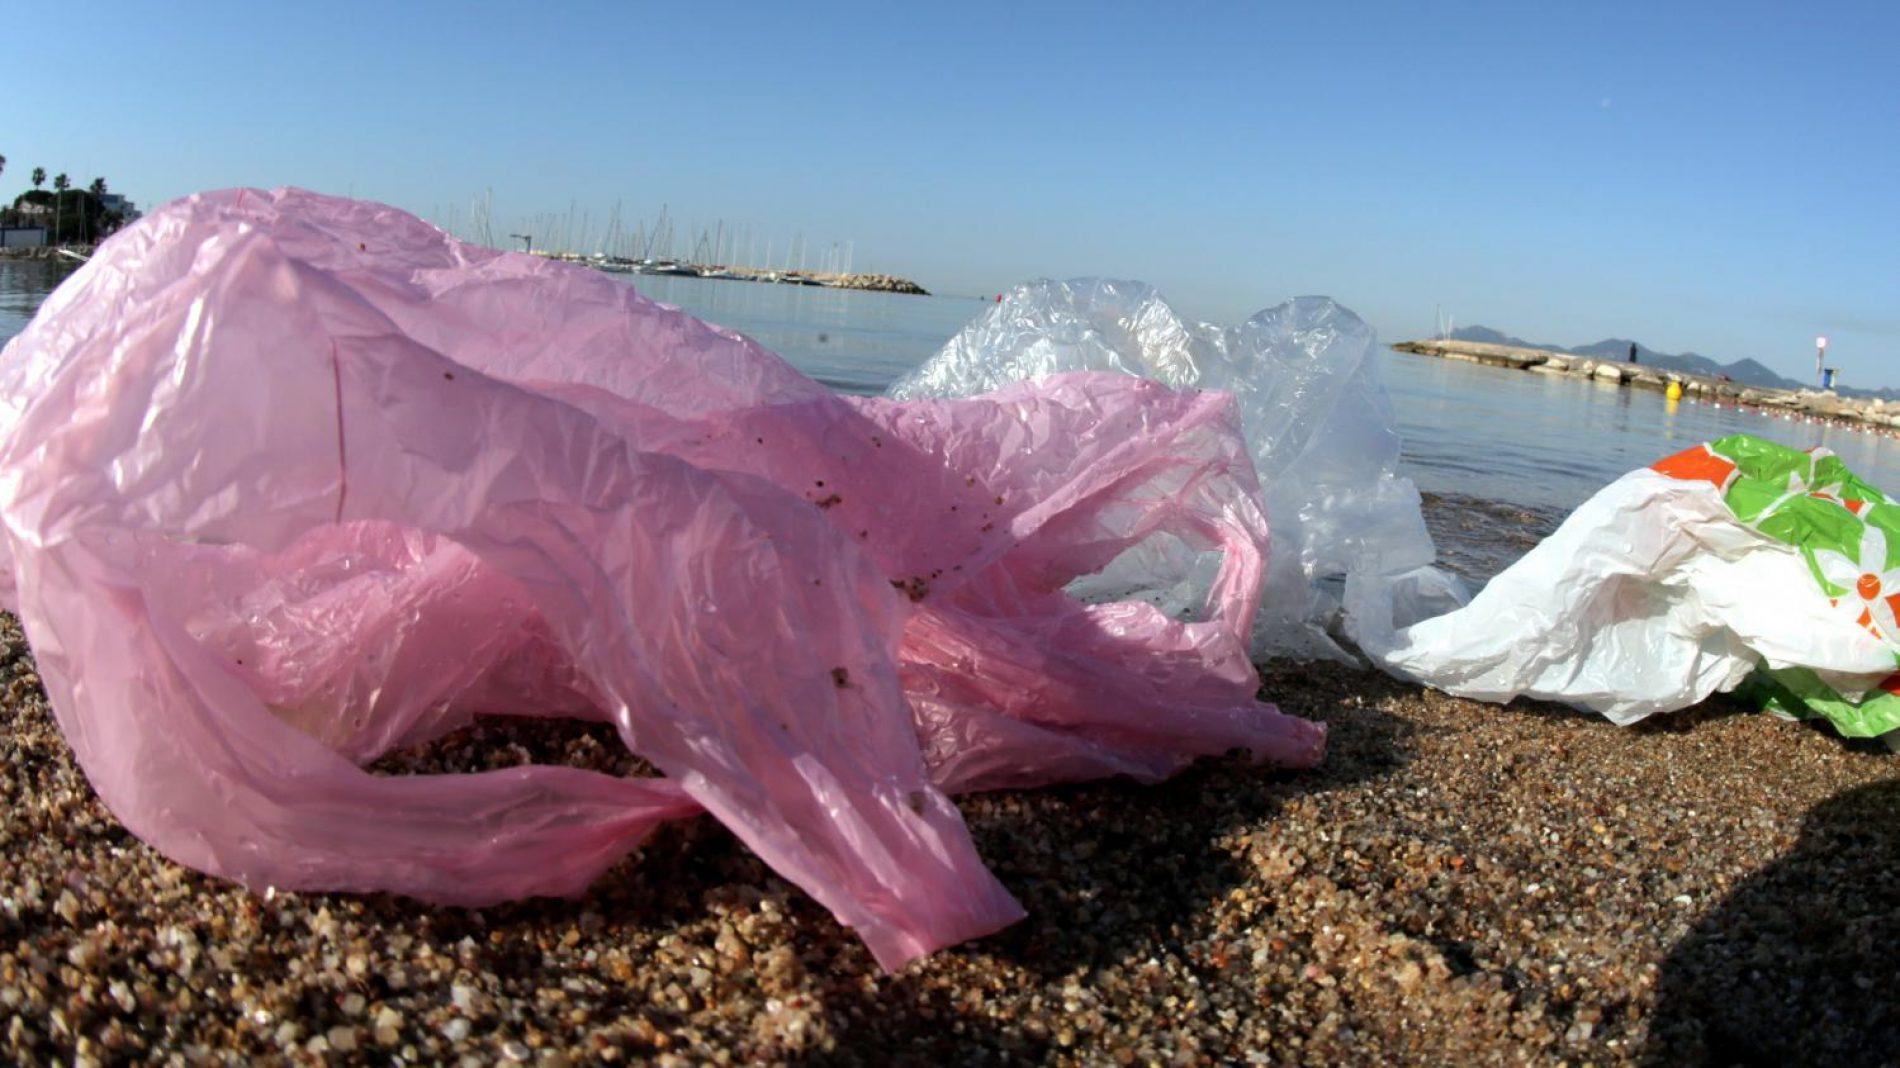 Protection de l'Environnement : La Nouvelle-Calédonie interdit l'utilisation des sacs plastique à usage unique